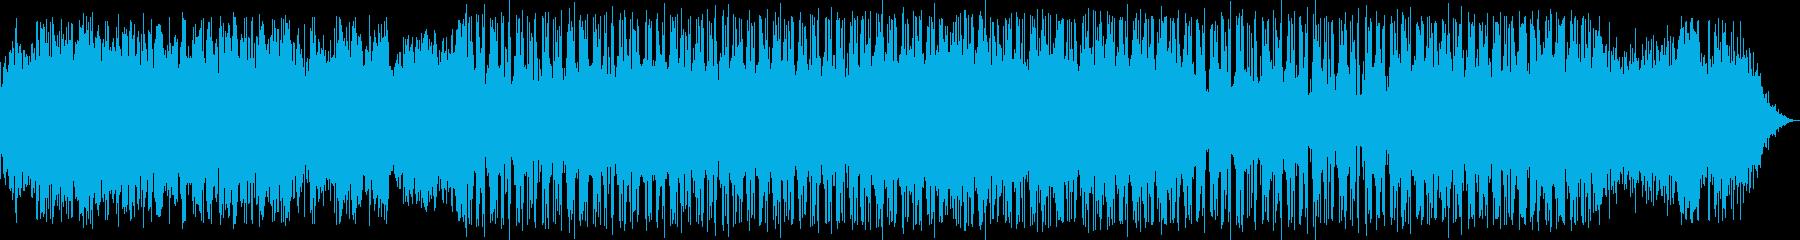 電子。の再生済みの波形